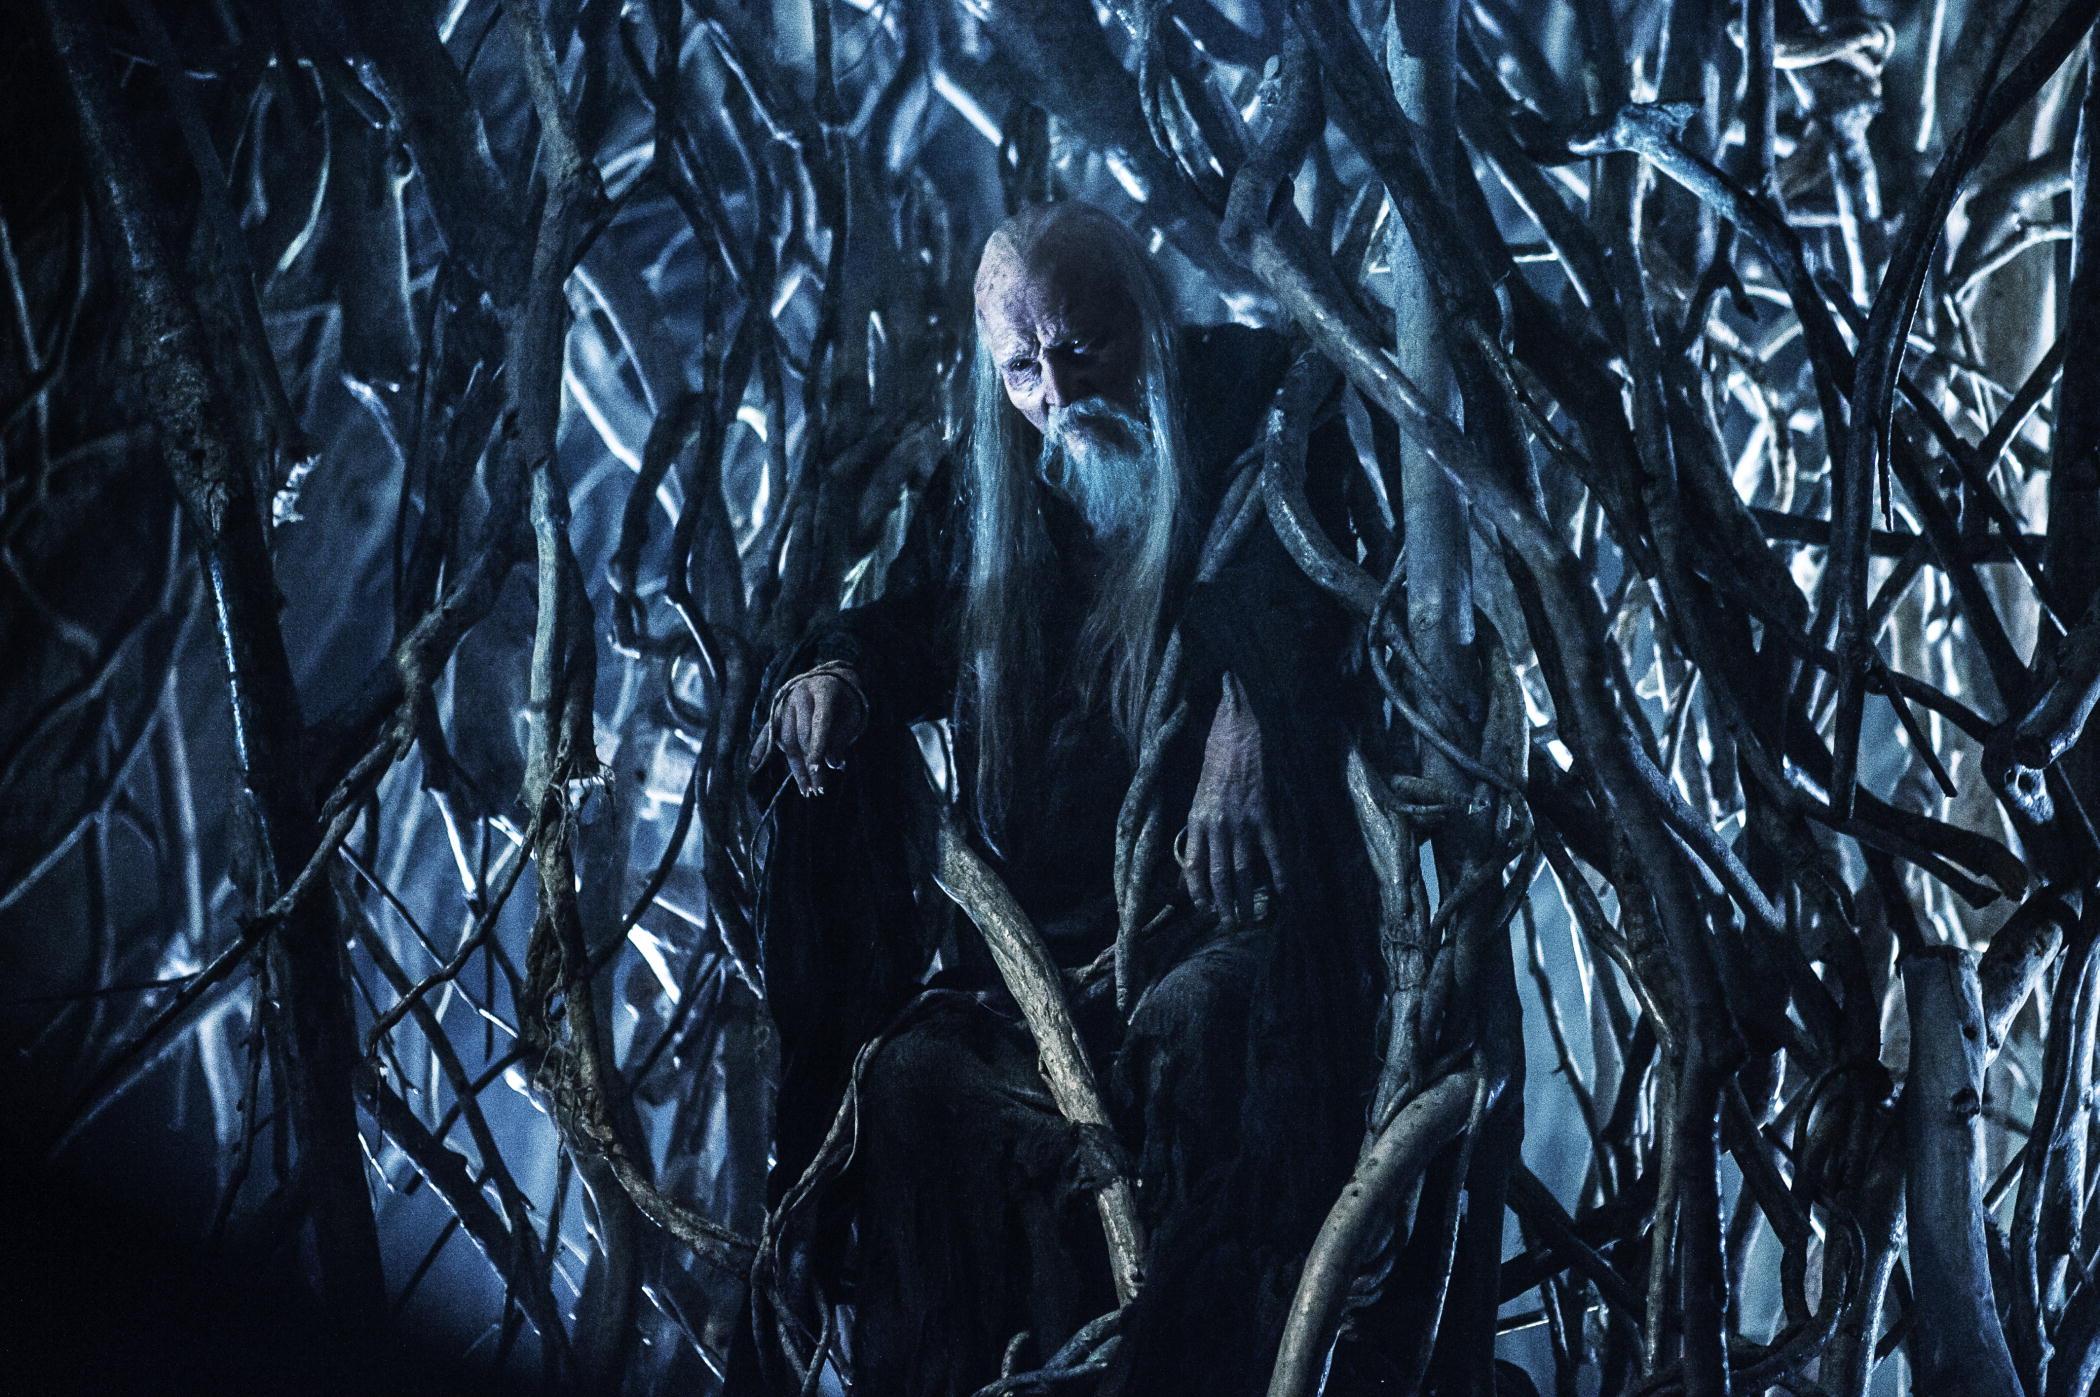 ファイル:Game-of-thrones-season-4-finale-tree-man.jpg